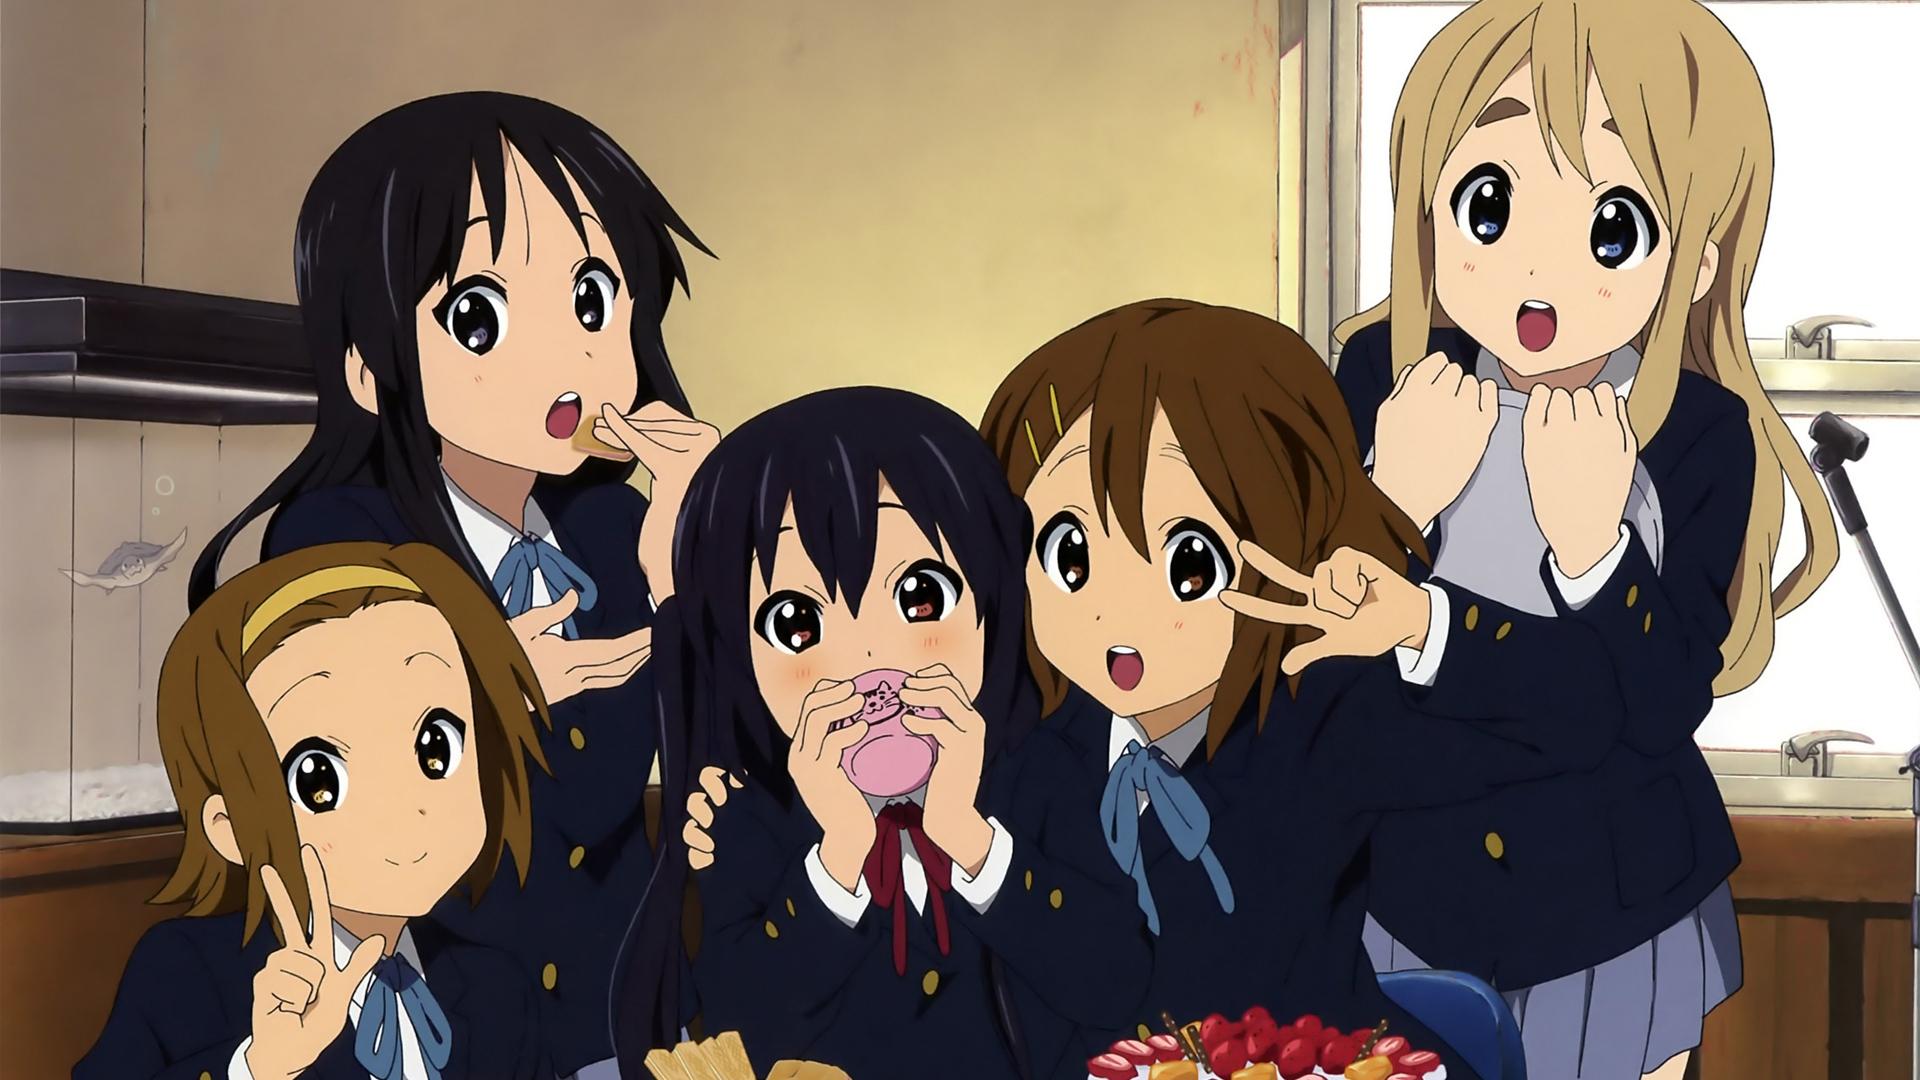 ヒット作の宝庫!京都アニメーションのオススメアニメはこれだ!